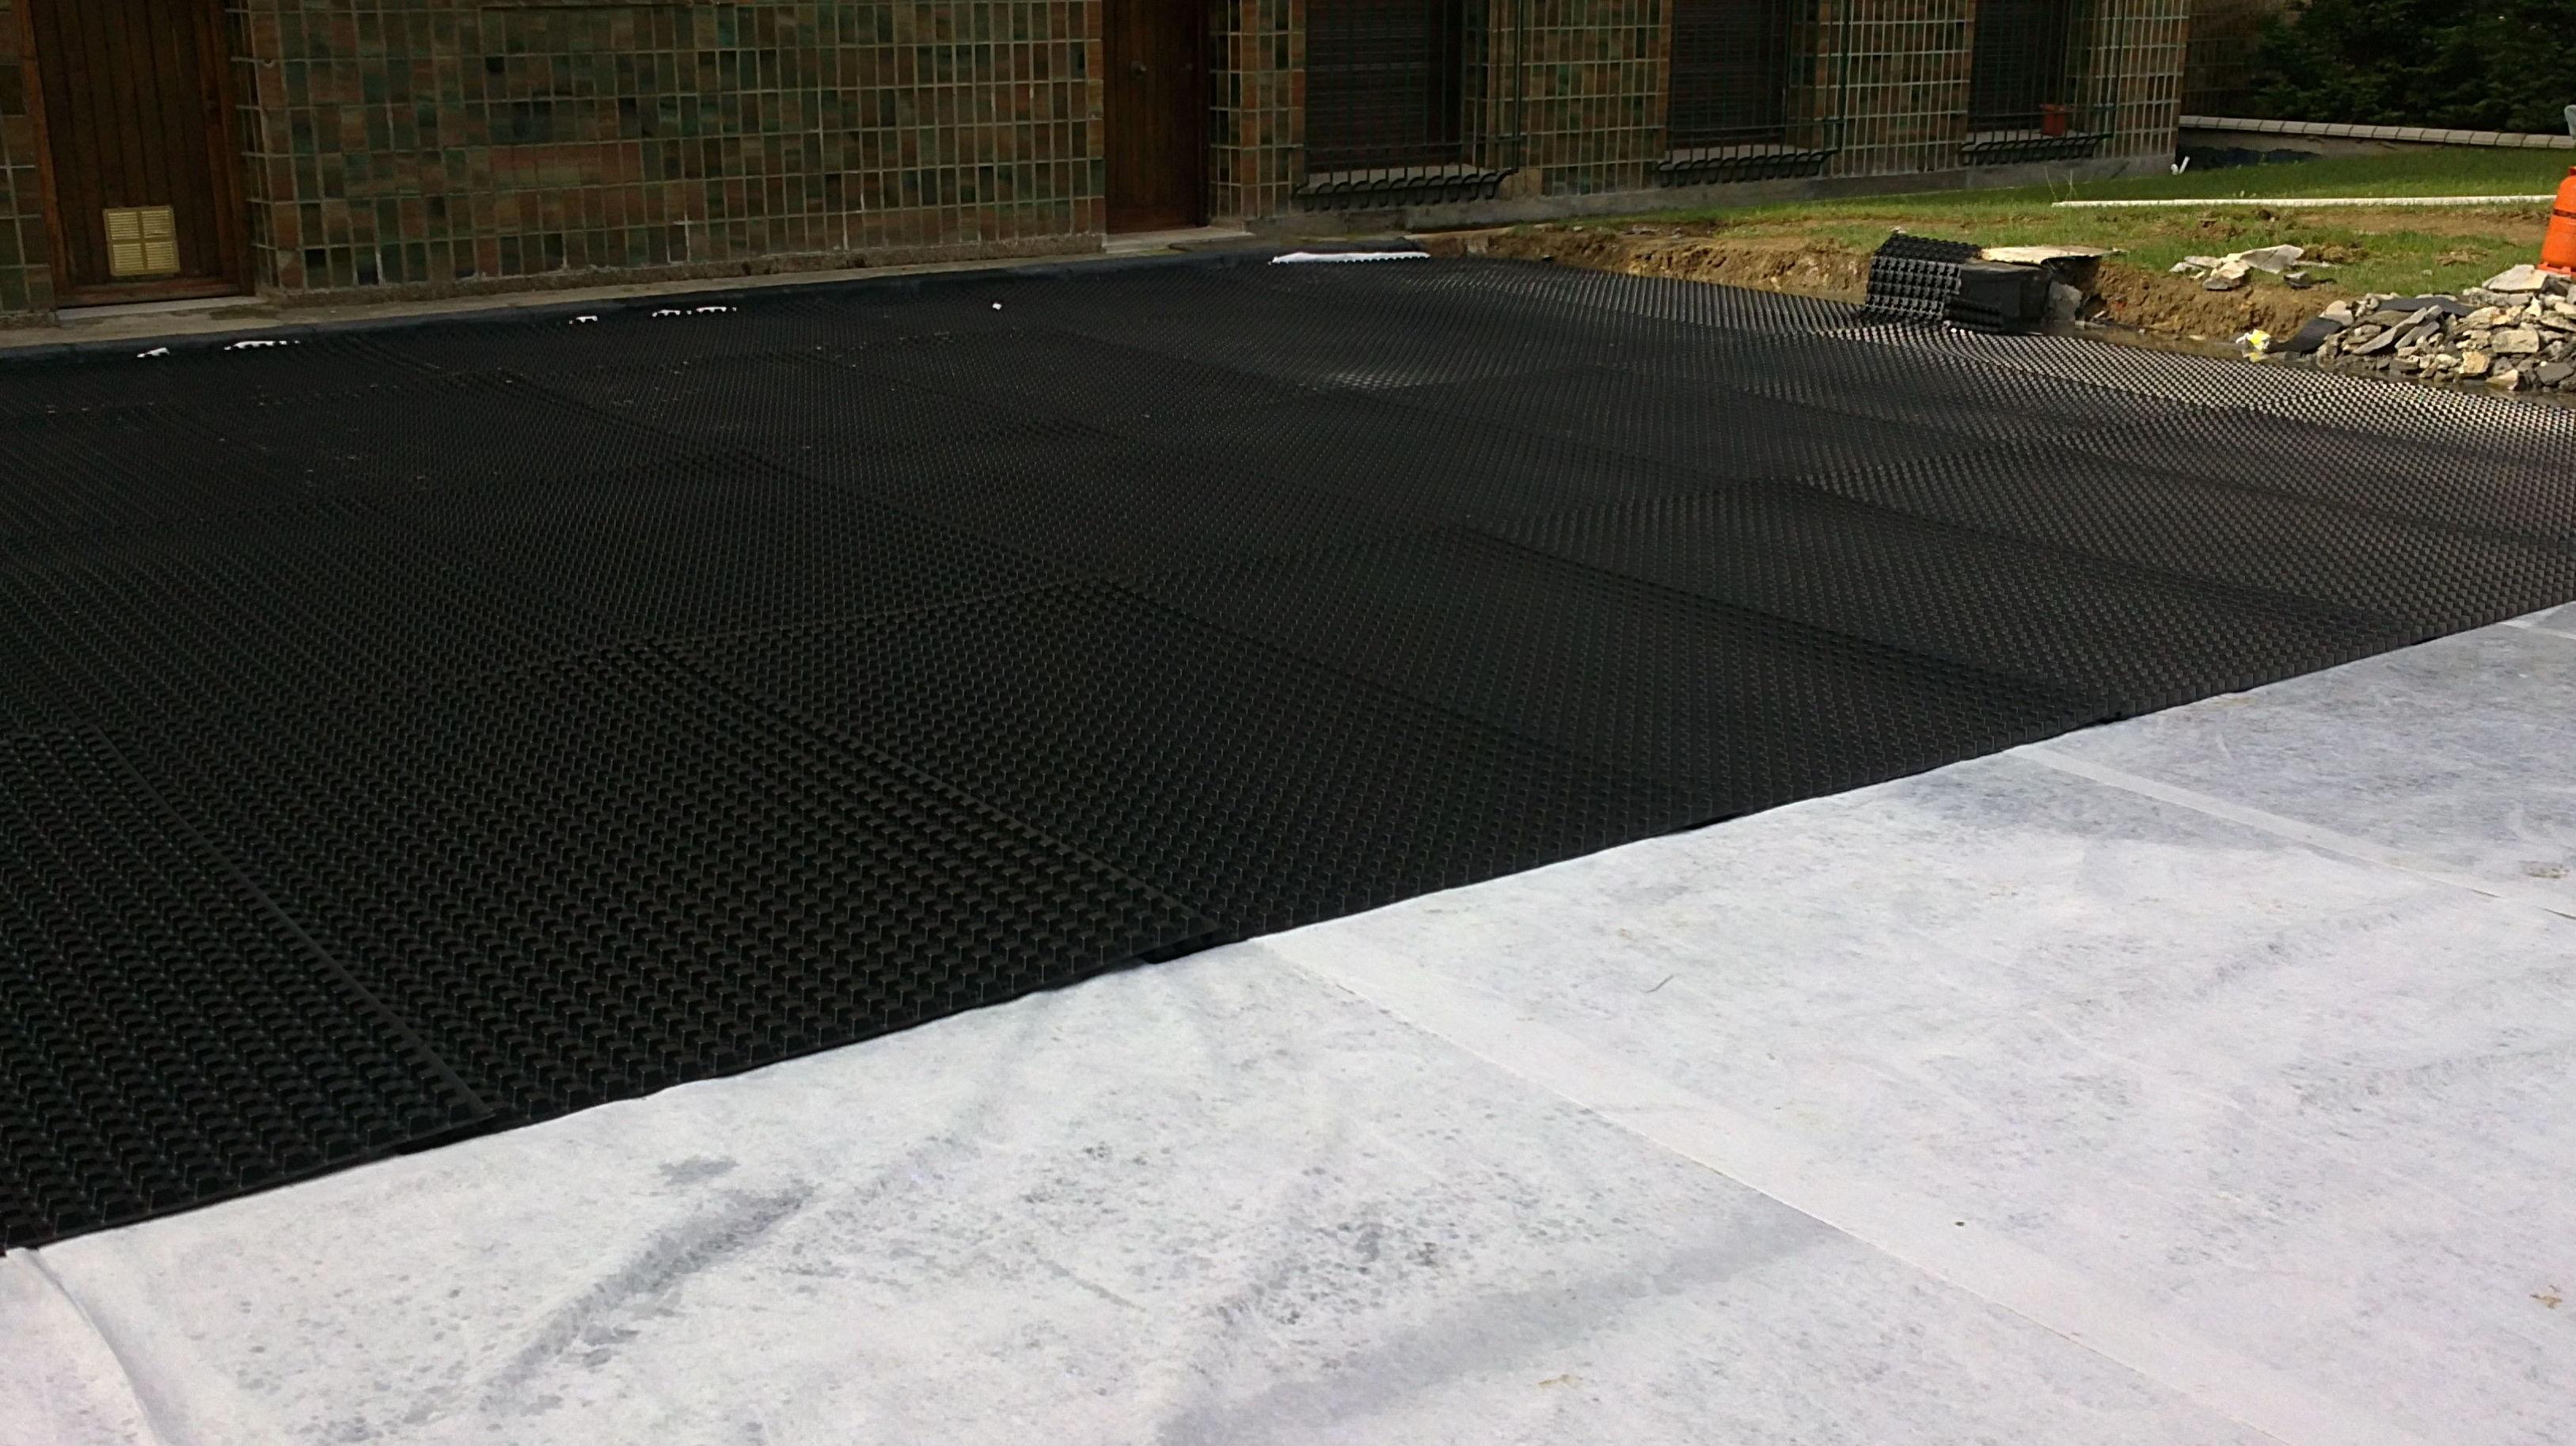 Instalación y mantenimiento de impermeabilizaciones